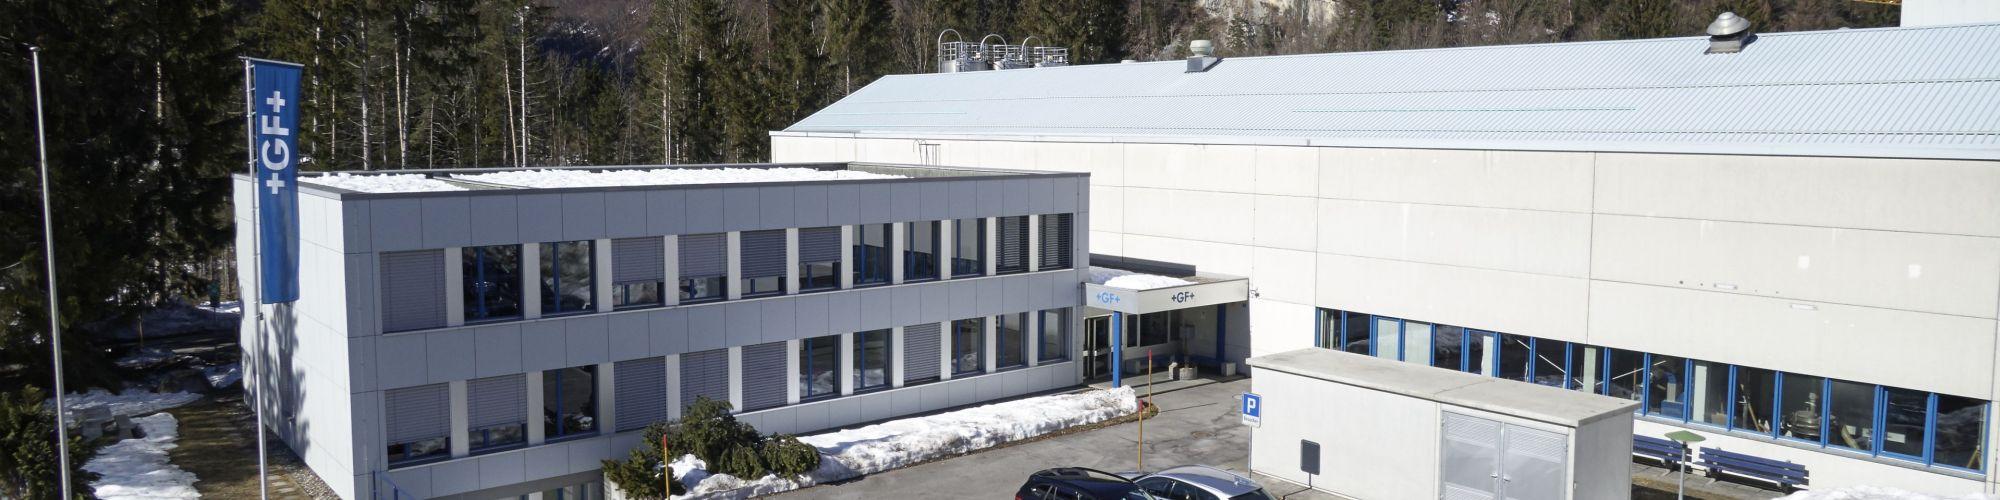 Georg Fischer Rohrleitungssysteme AG